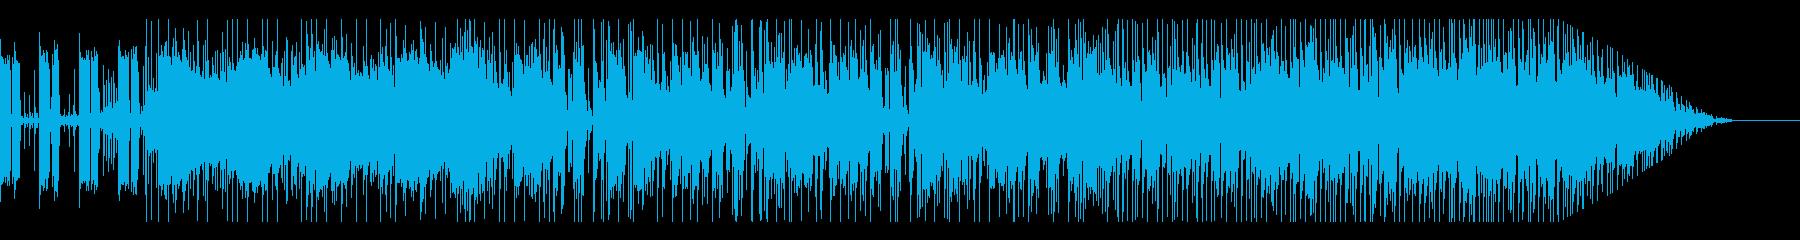 おしゃれ 切ない R&Bの再生済みの波形